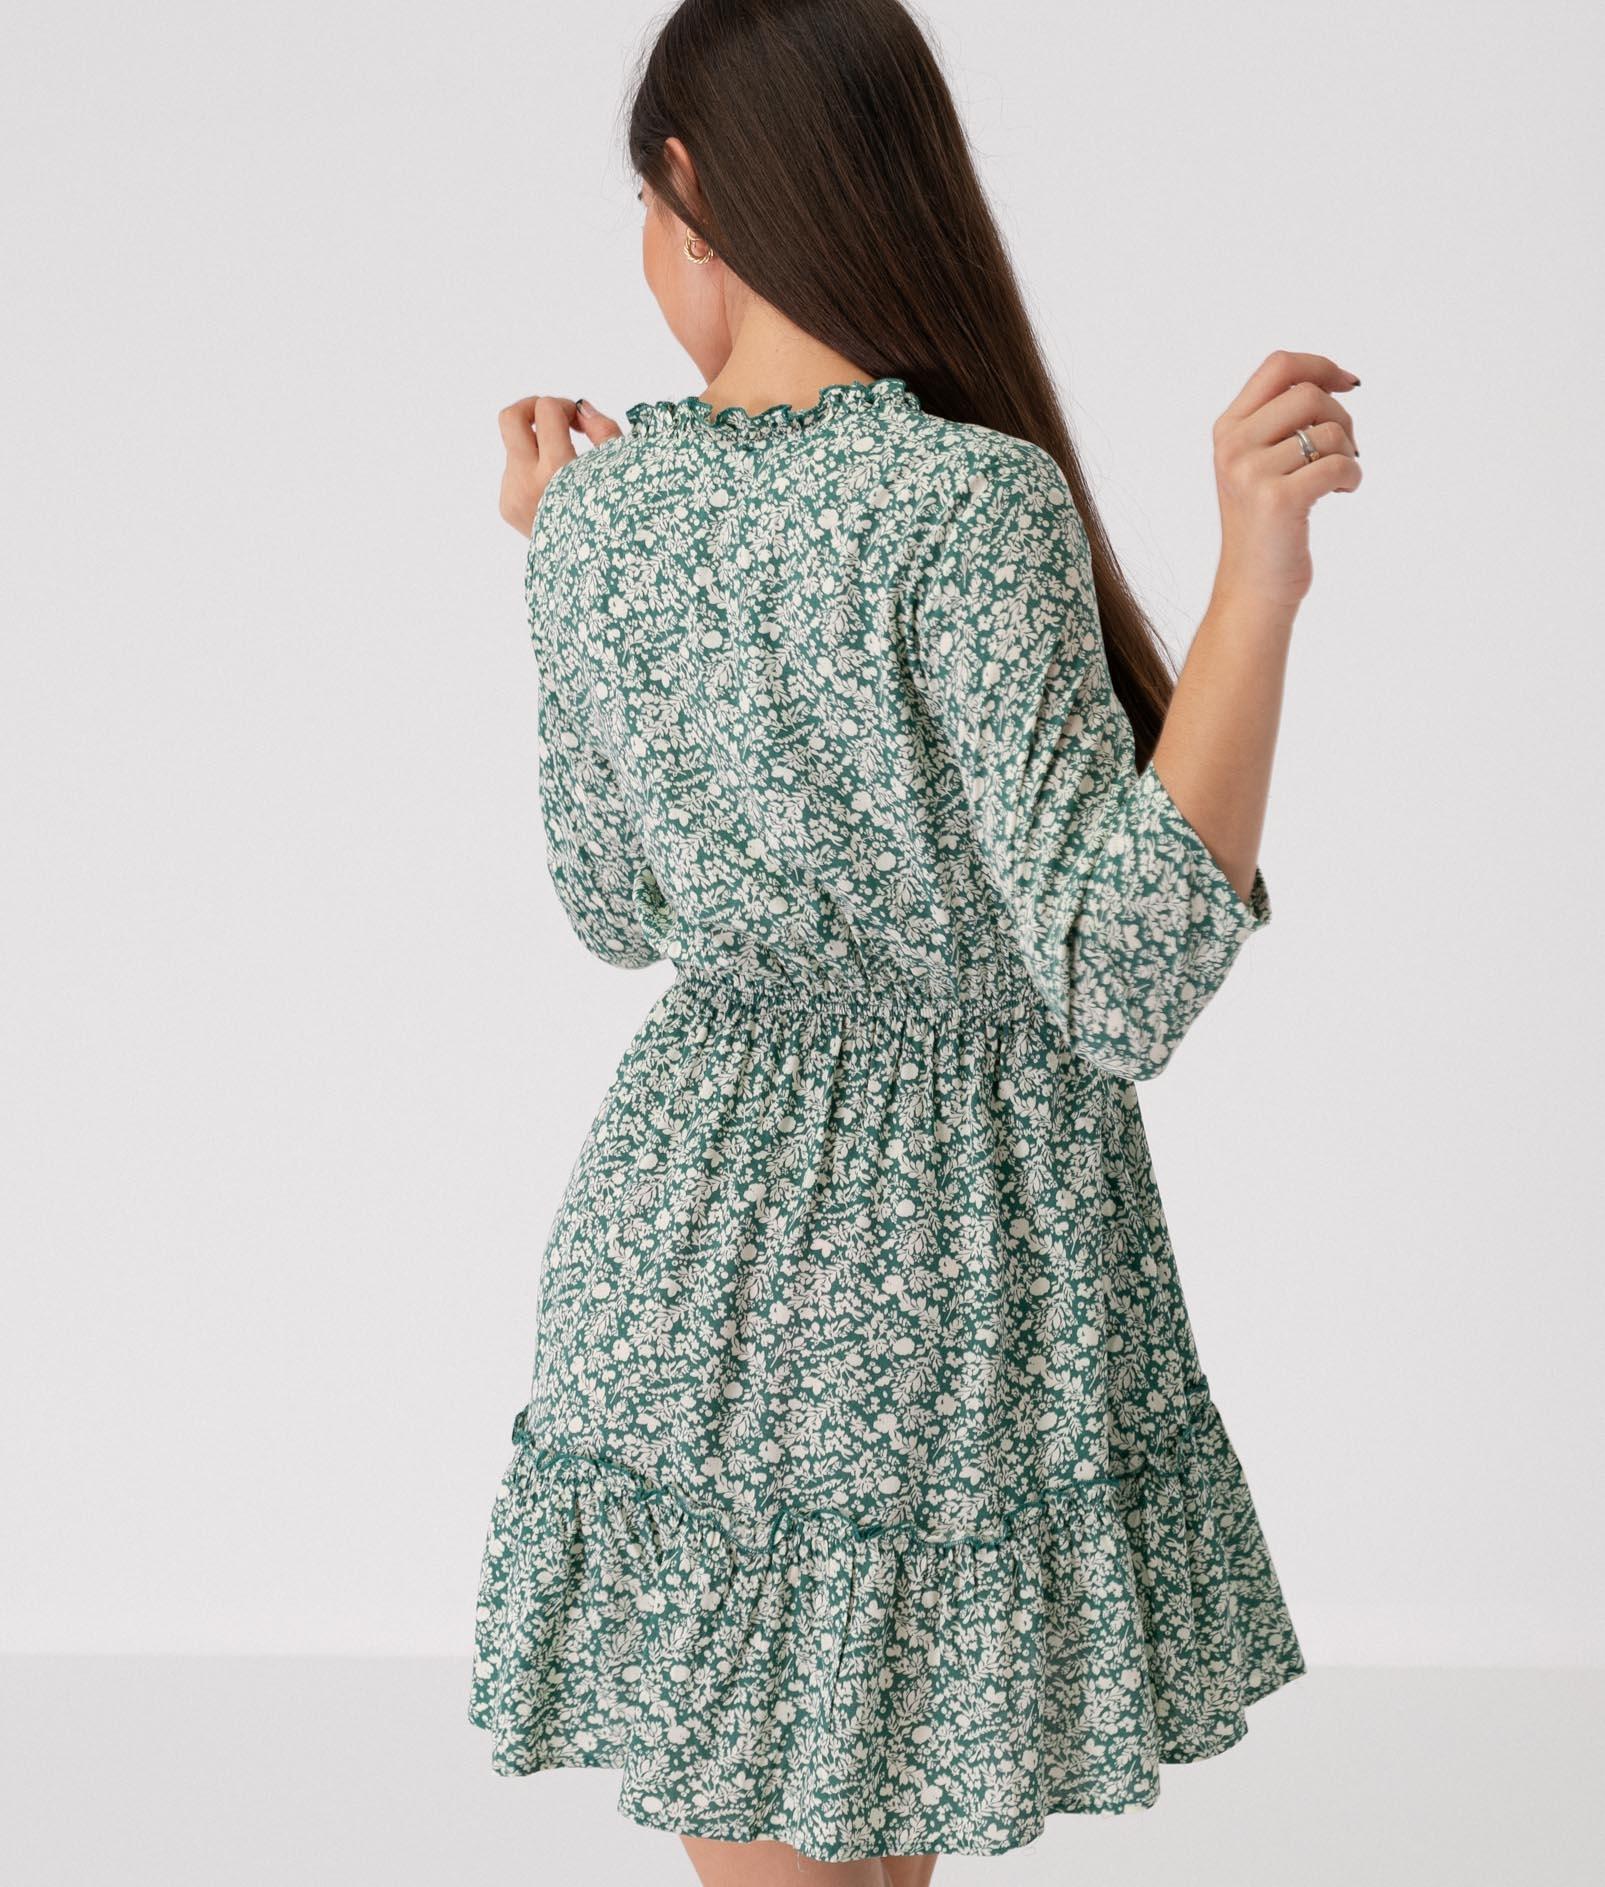 CHIAPA DRESS - GREEN